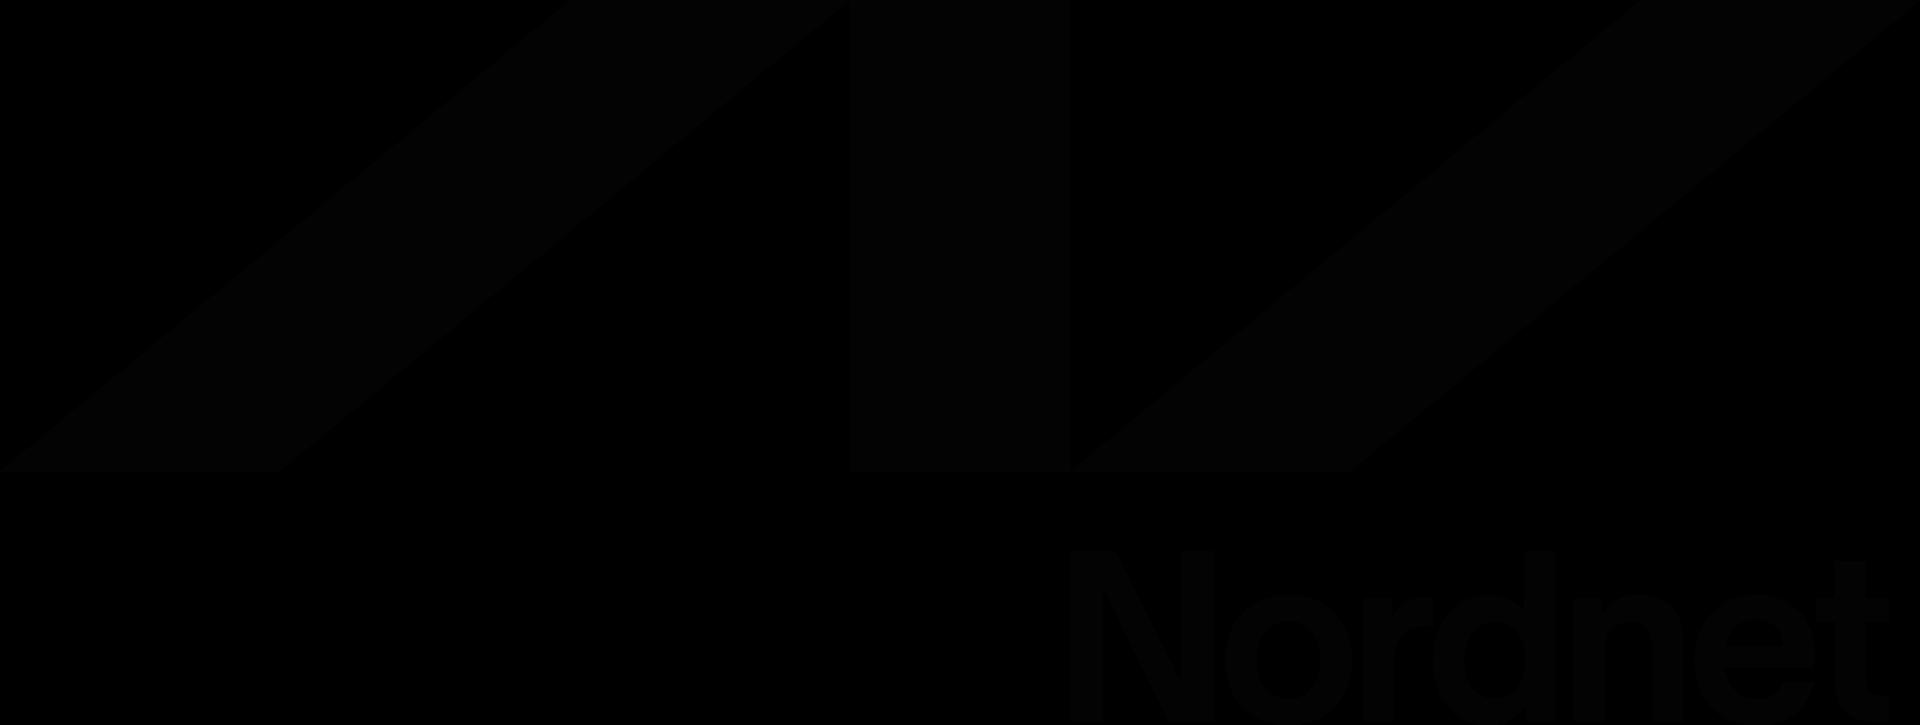 Nordnet logotype